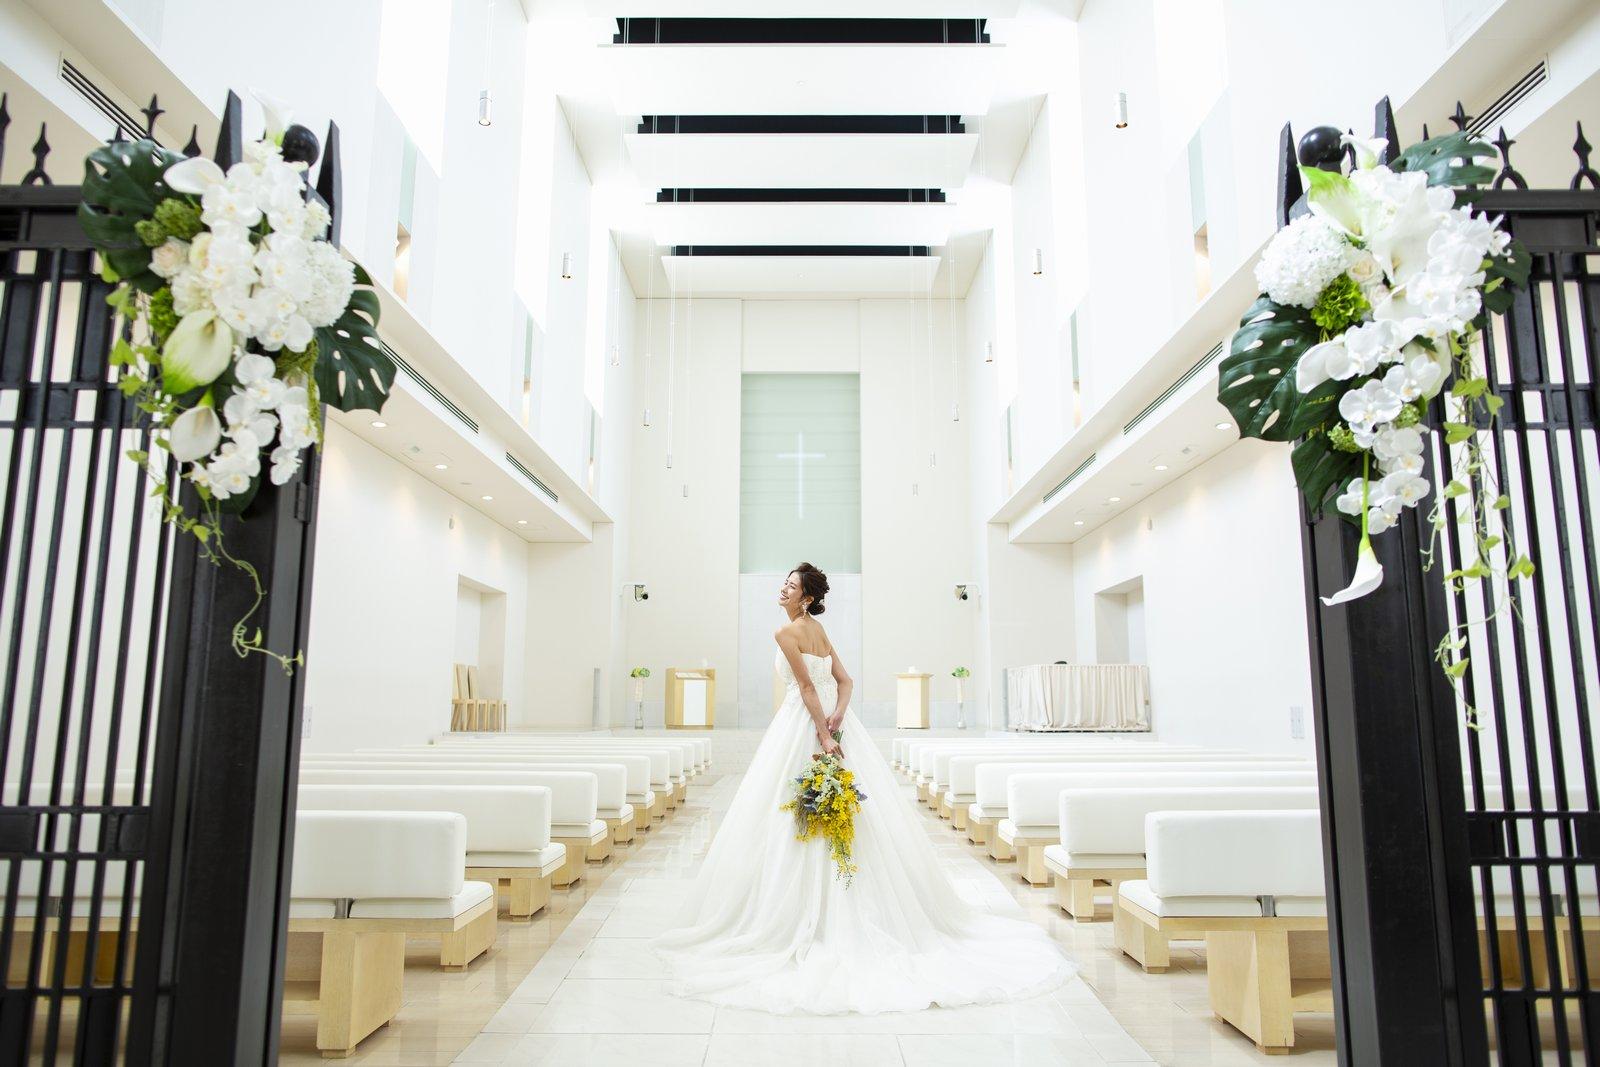 徳島県の結婚式場ブランアンジュの神聖なチャペル